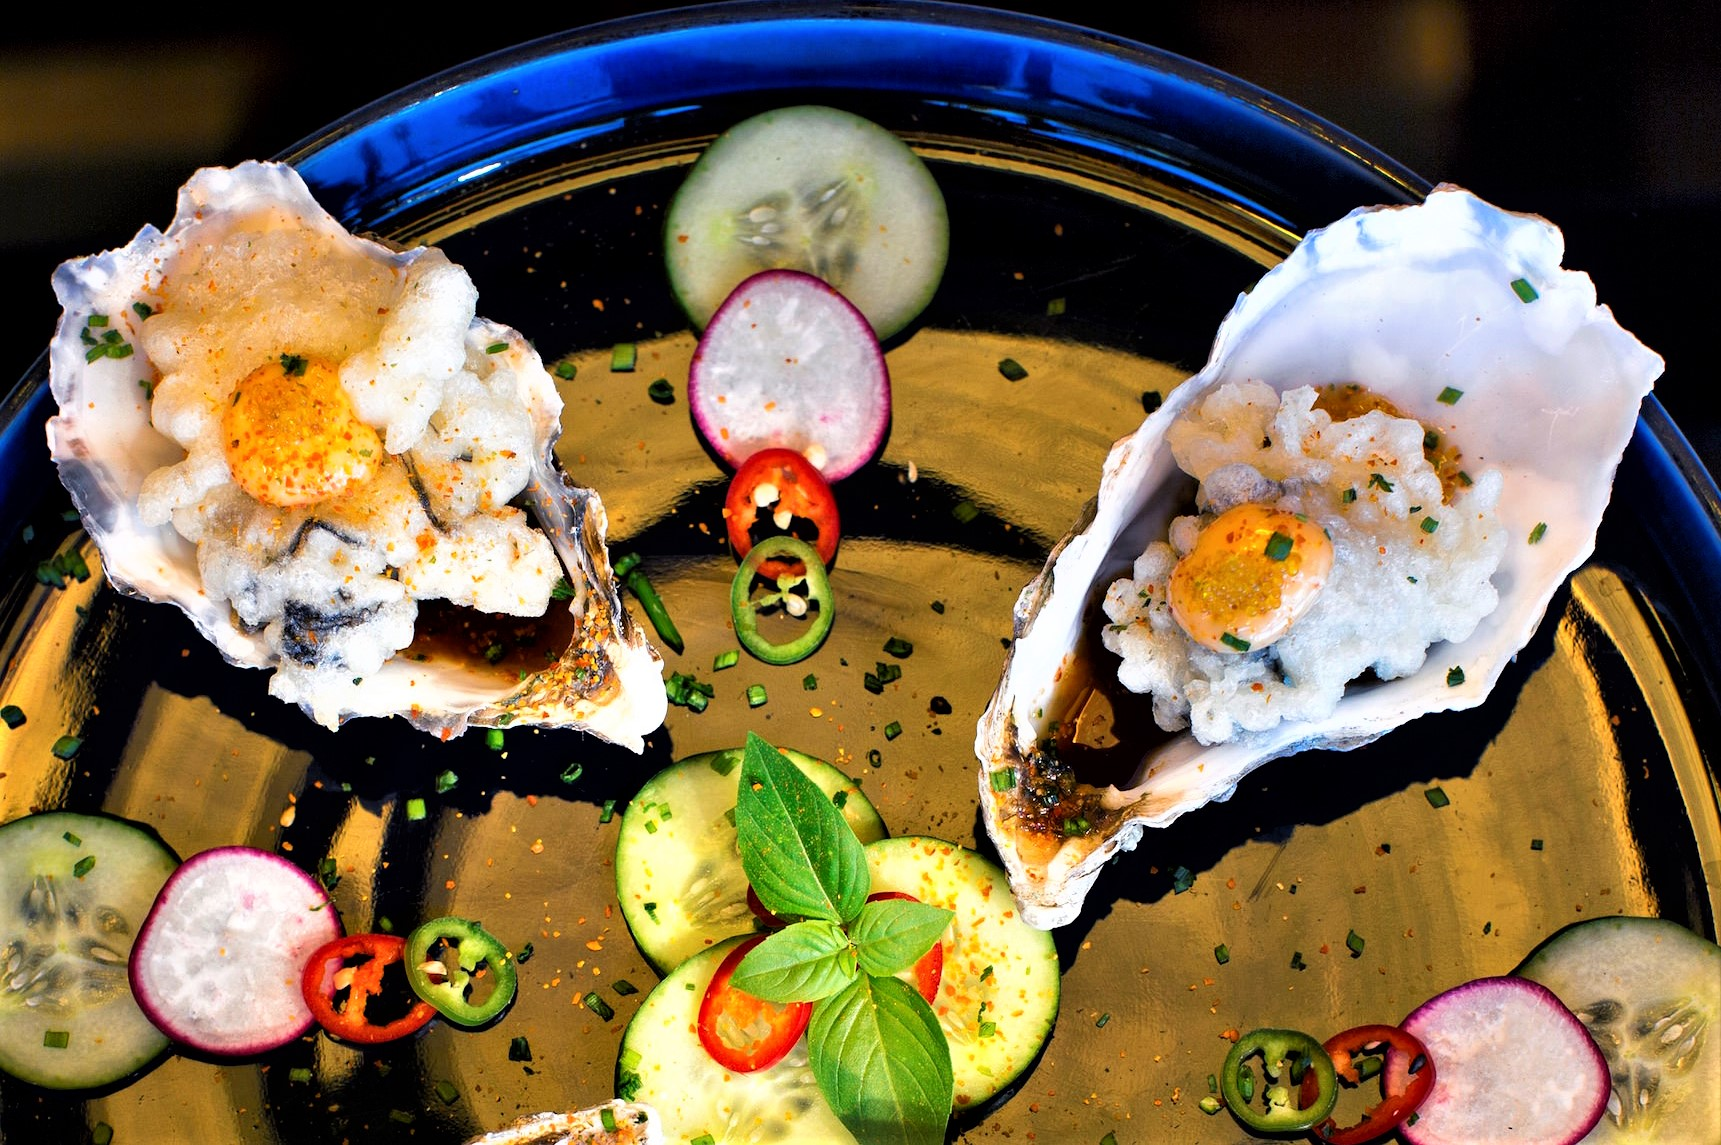 Porto Zante food destination cropped.jpg